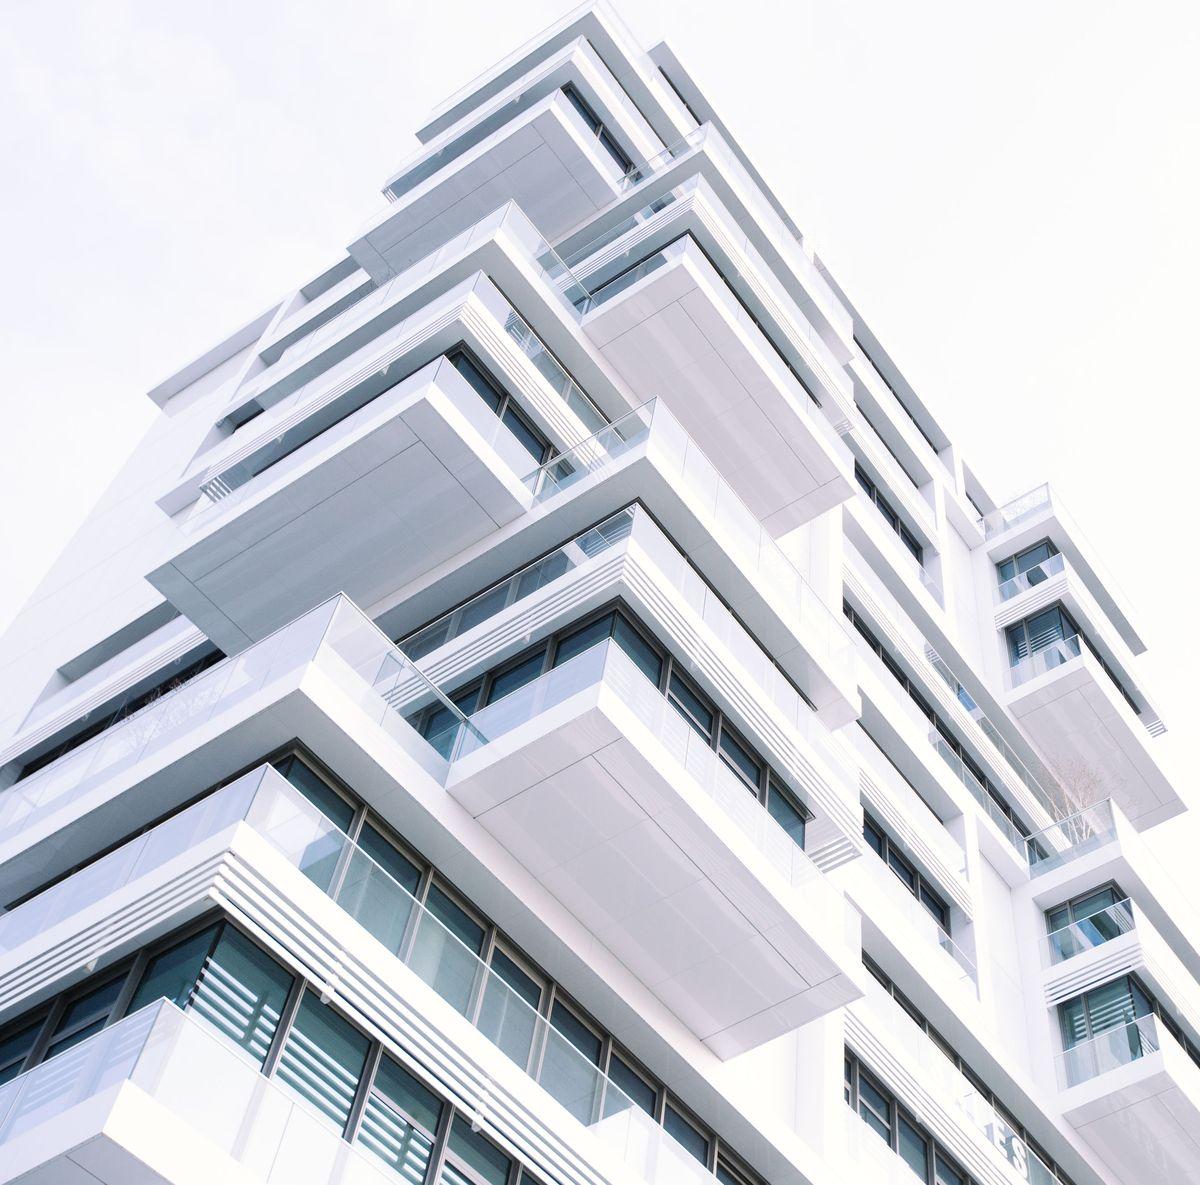 Hohe Nachfrage und steigende Preise für Luxusimmobilien